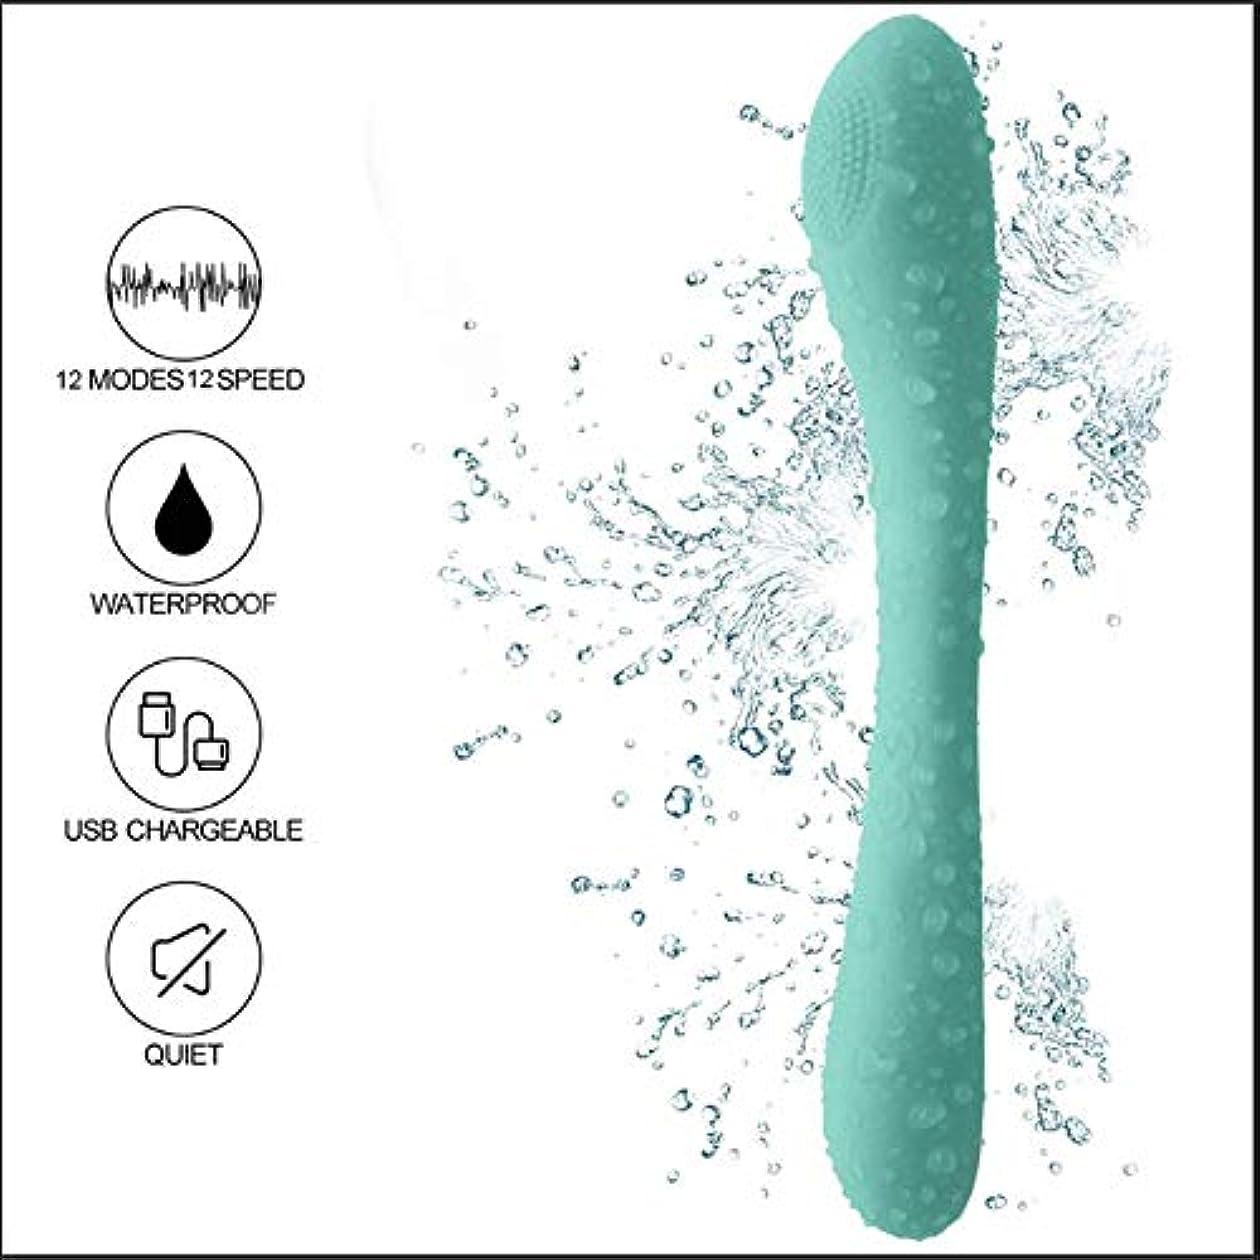 ツイン士気名前でハンディマッサージャー 加热 小型 静音 12種強力振動パタン IPX6防水 USB充電式 肌触りが良い(緑色)